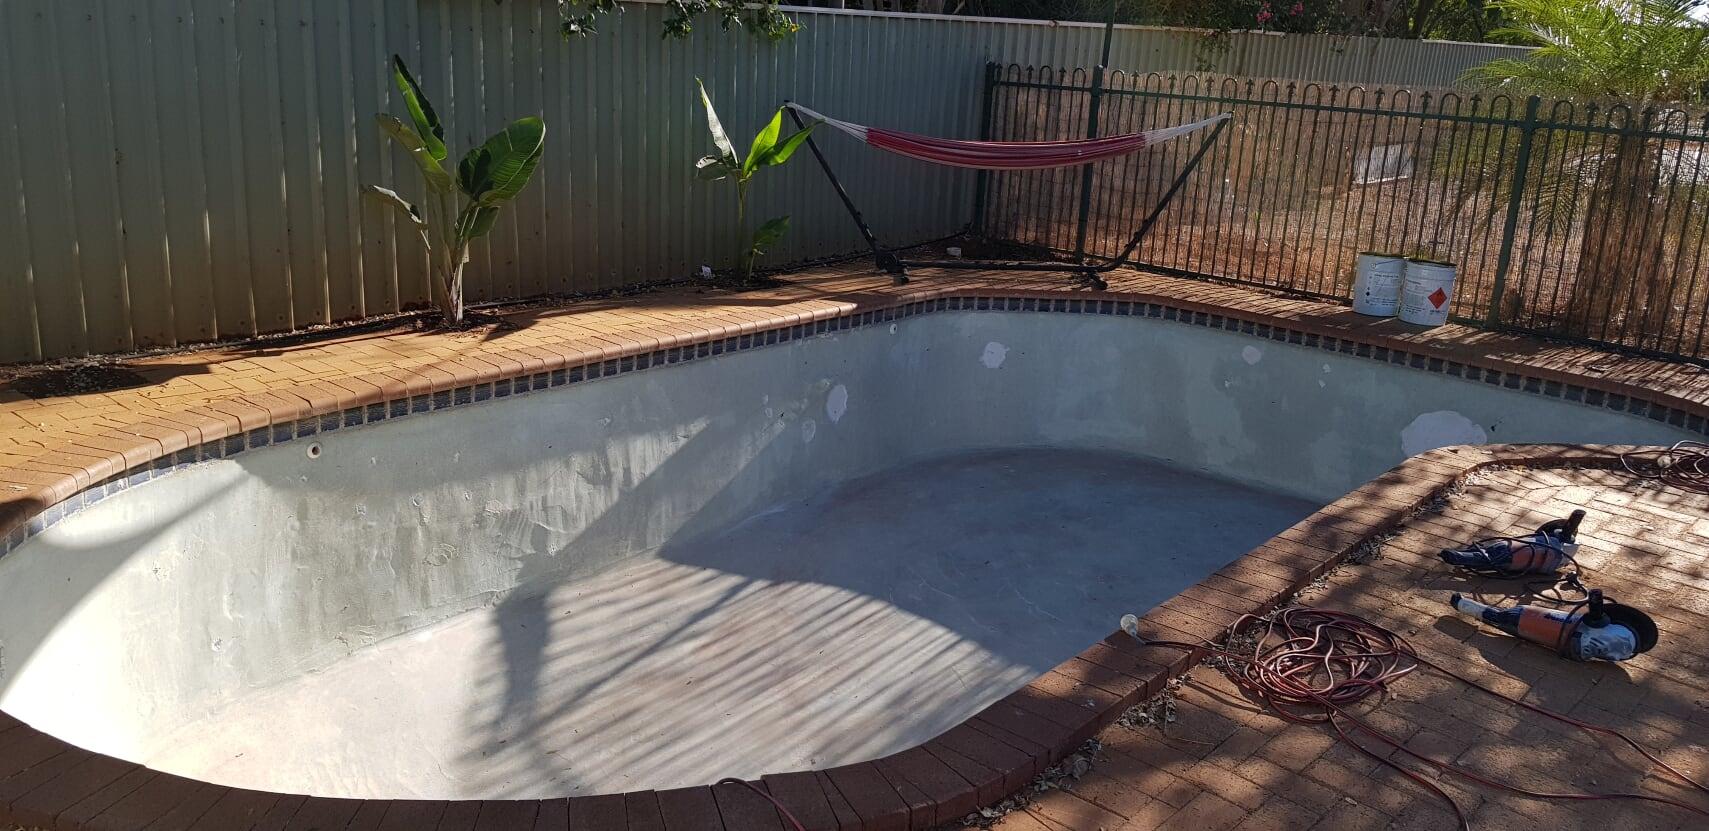 Concrete to fibreglass pool conversion South Hedland (before) – September 2018